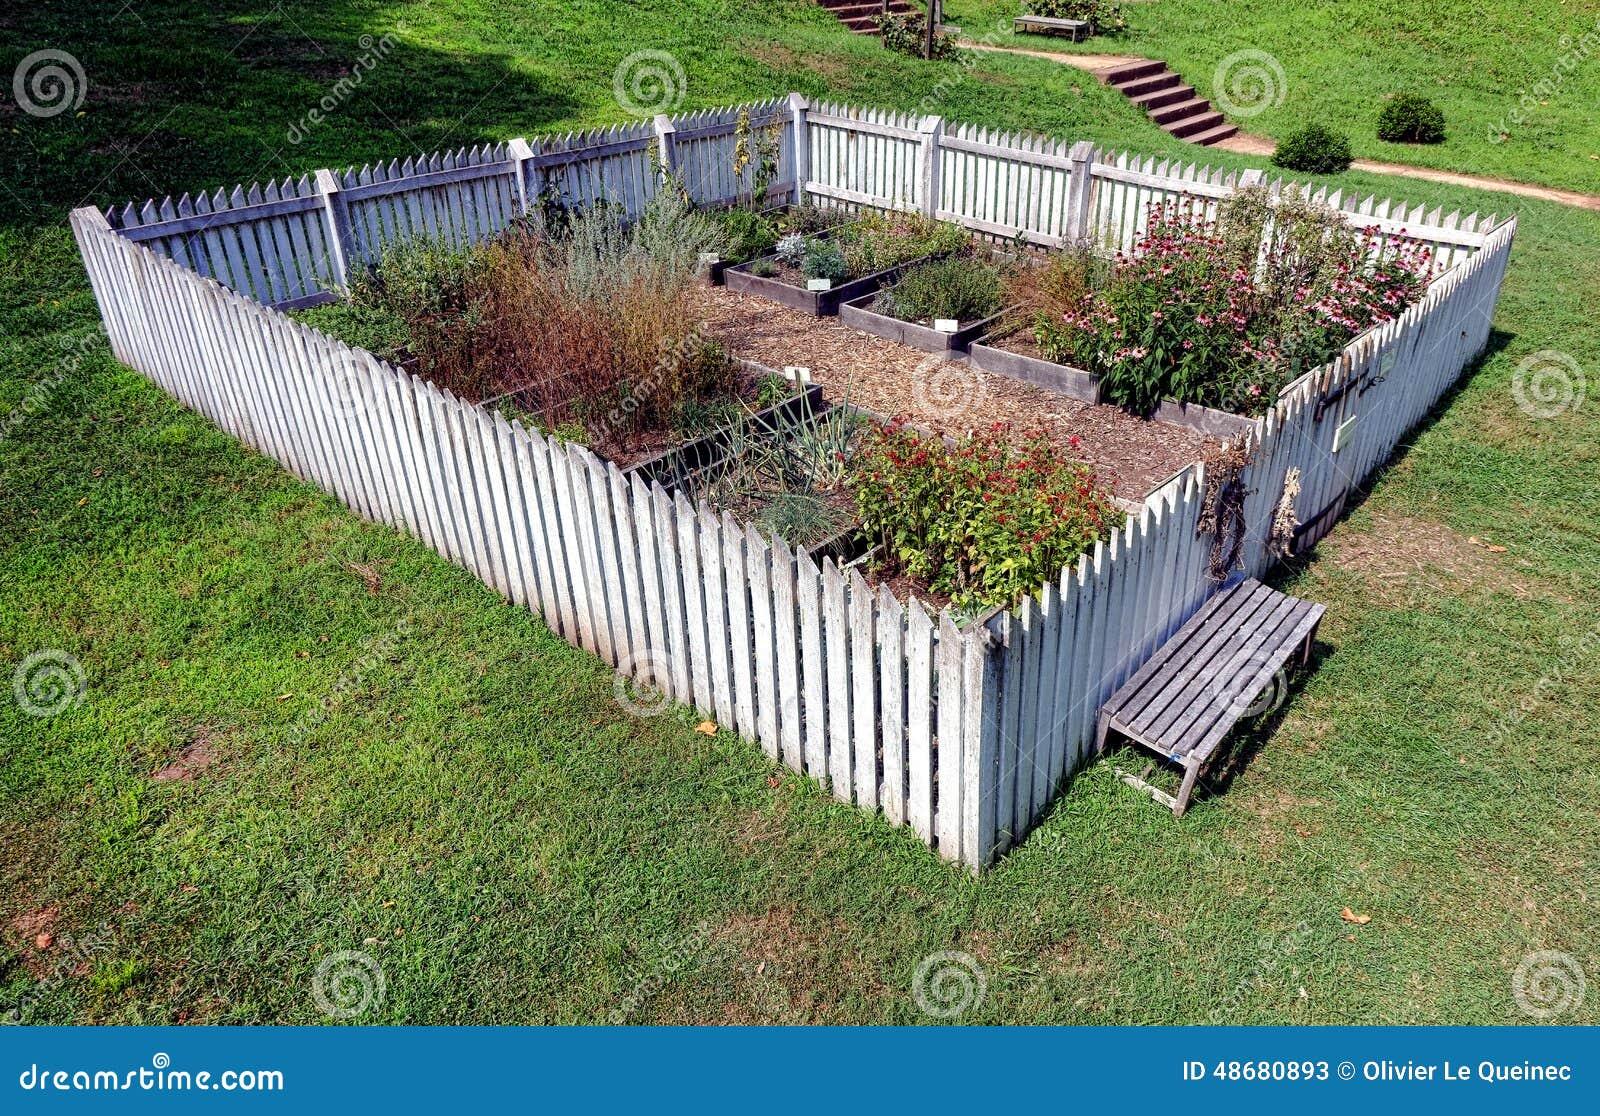 cerca para jardim branca : cerca para jardim branca:Jardim Colonial Com As Camas De Planta Vegetais Aumentadas Foto de